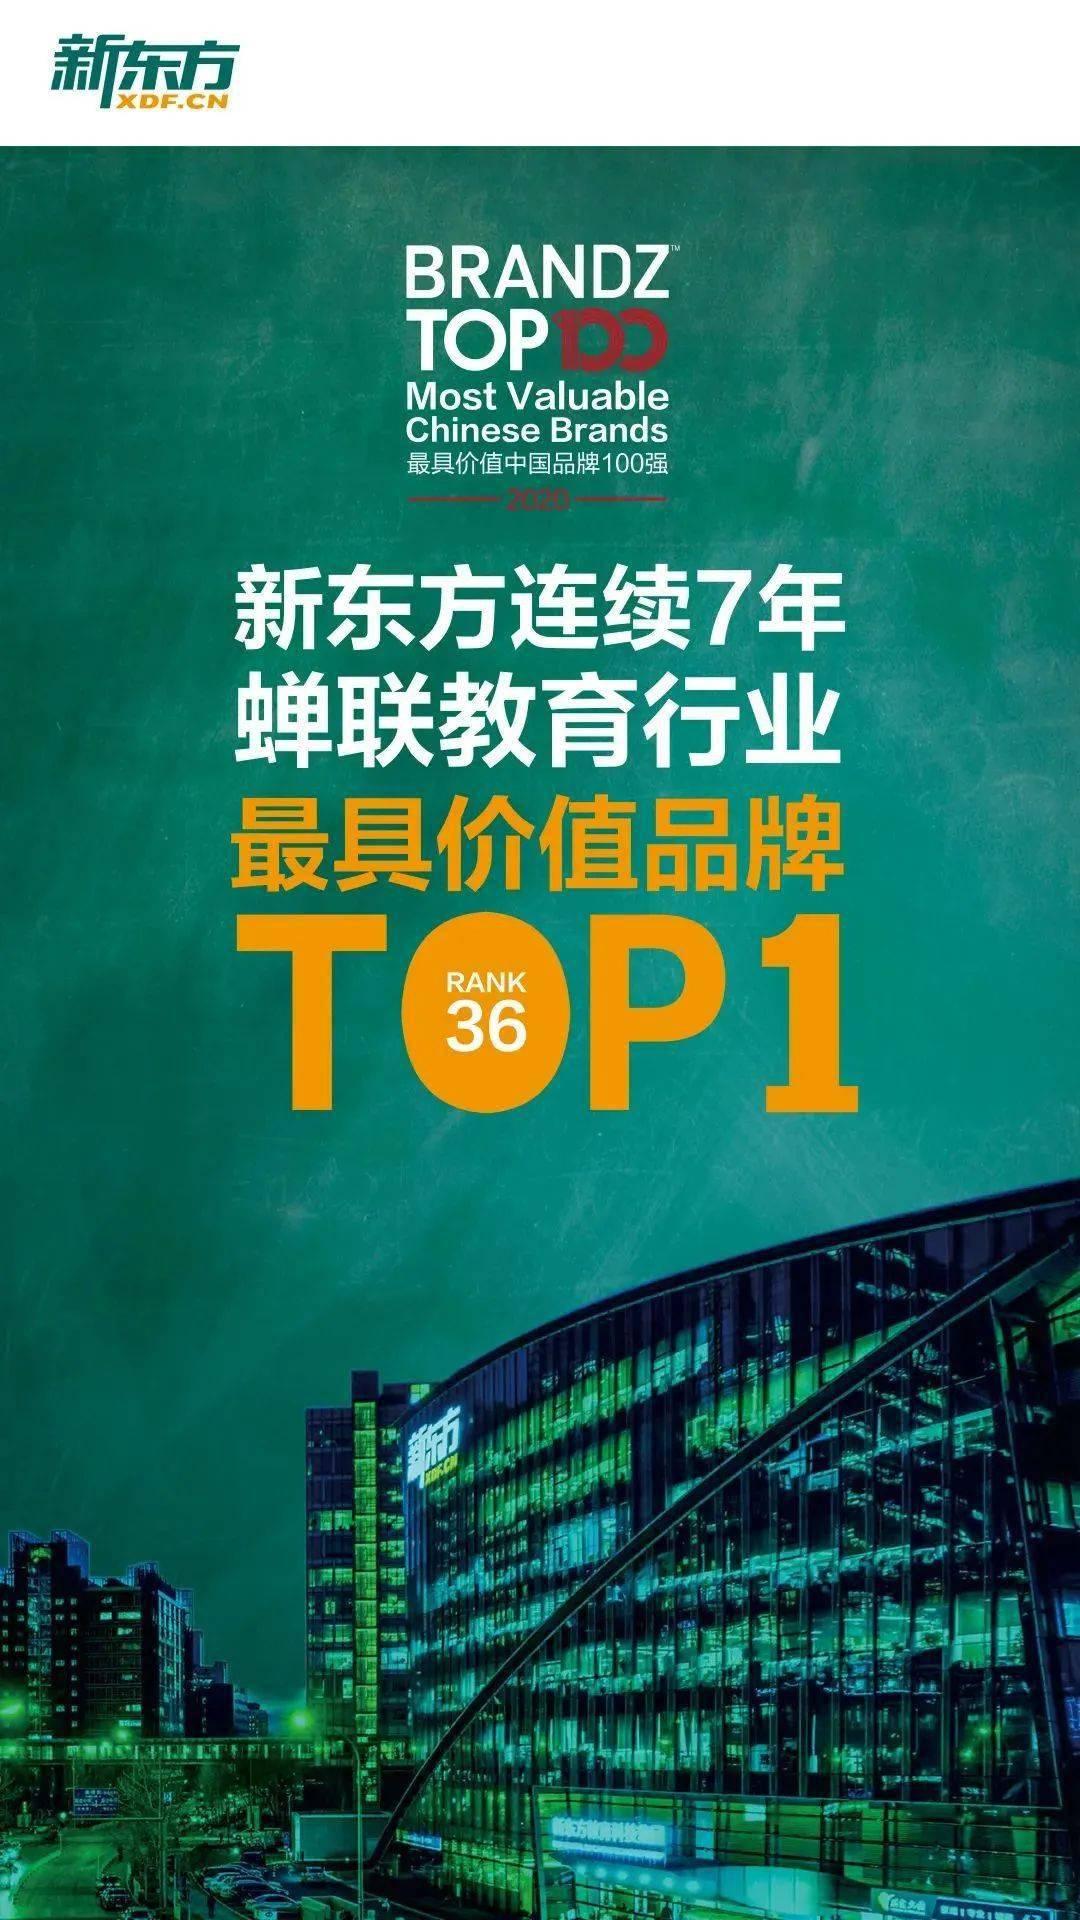 新东方连续七年蝉联教育行业第一名!上榜最具价值中国百强